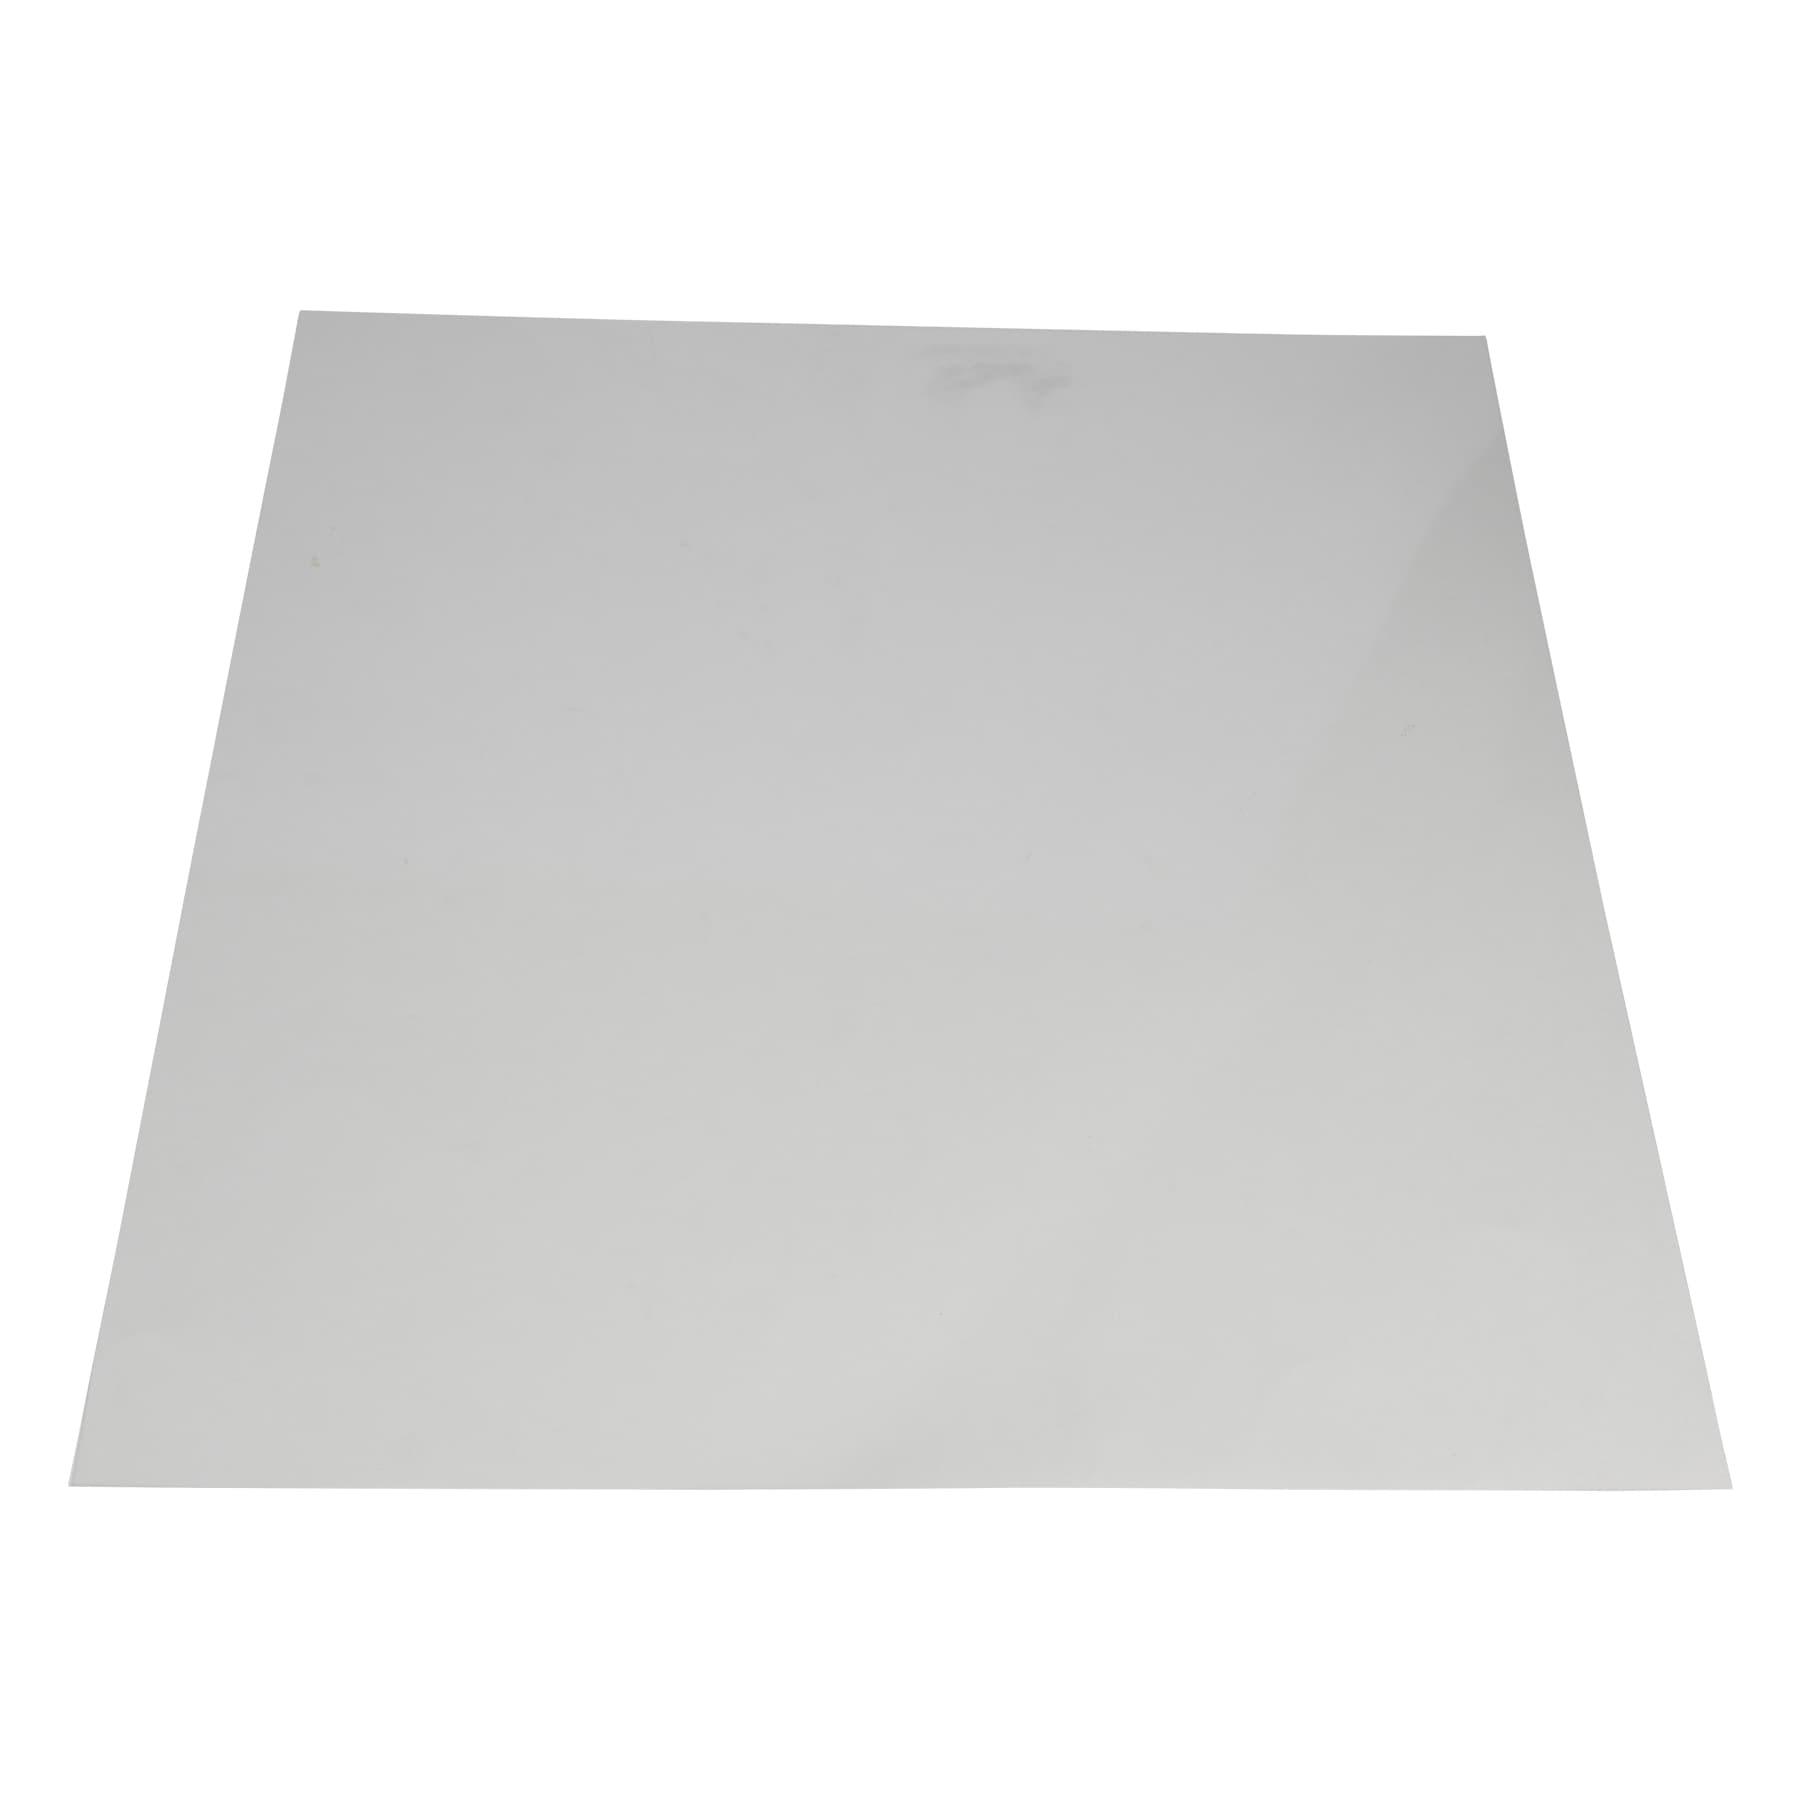 Abdeckfix, Klarsichtabdeckung 435 x 435  mm für Segeberger Beute